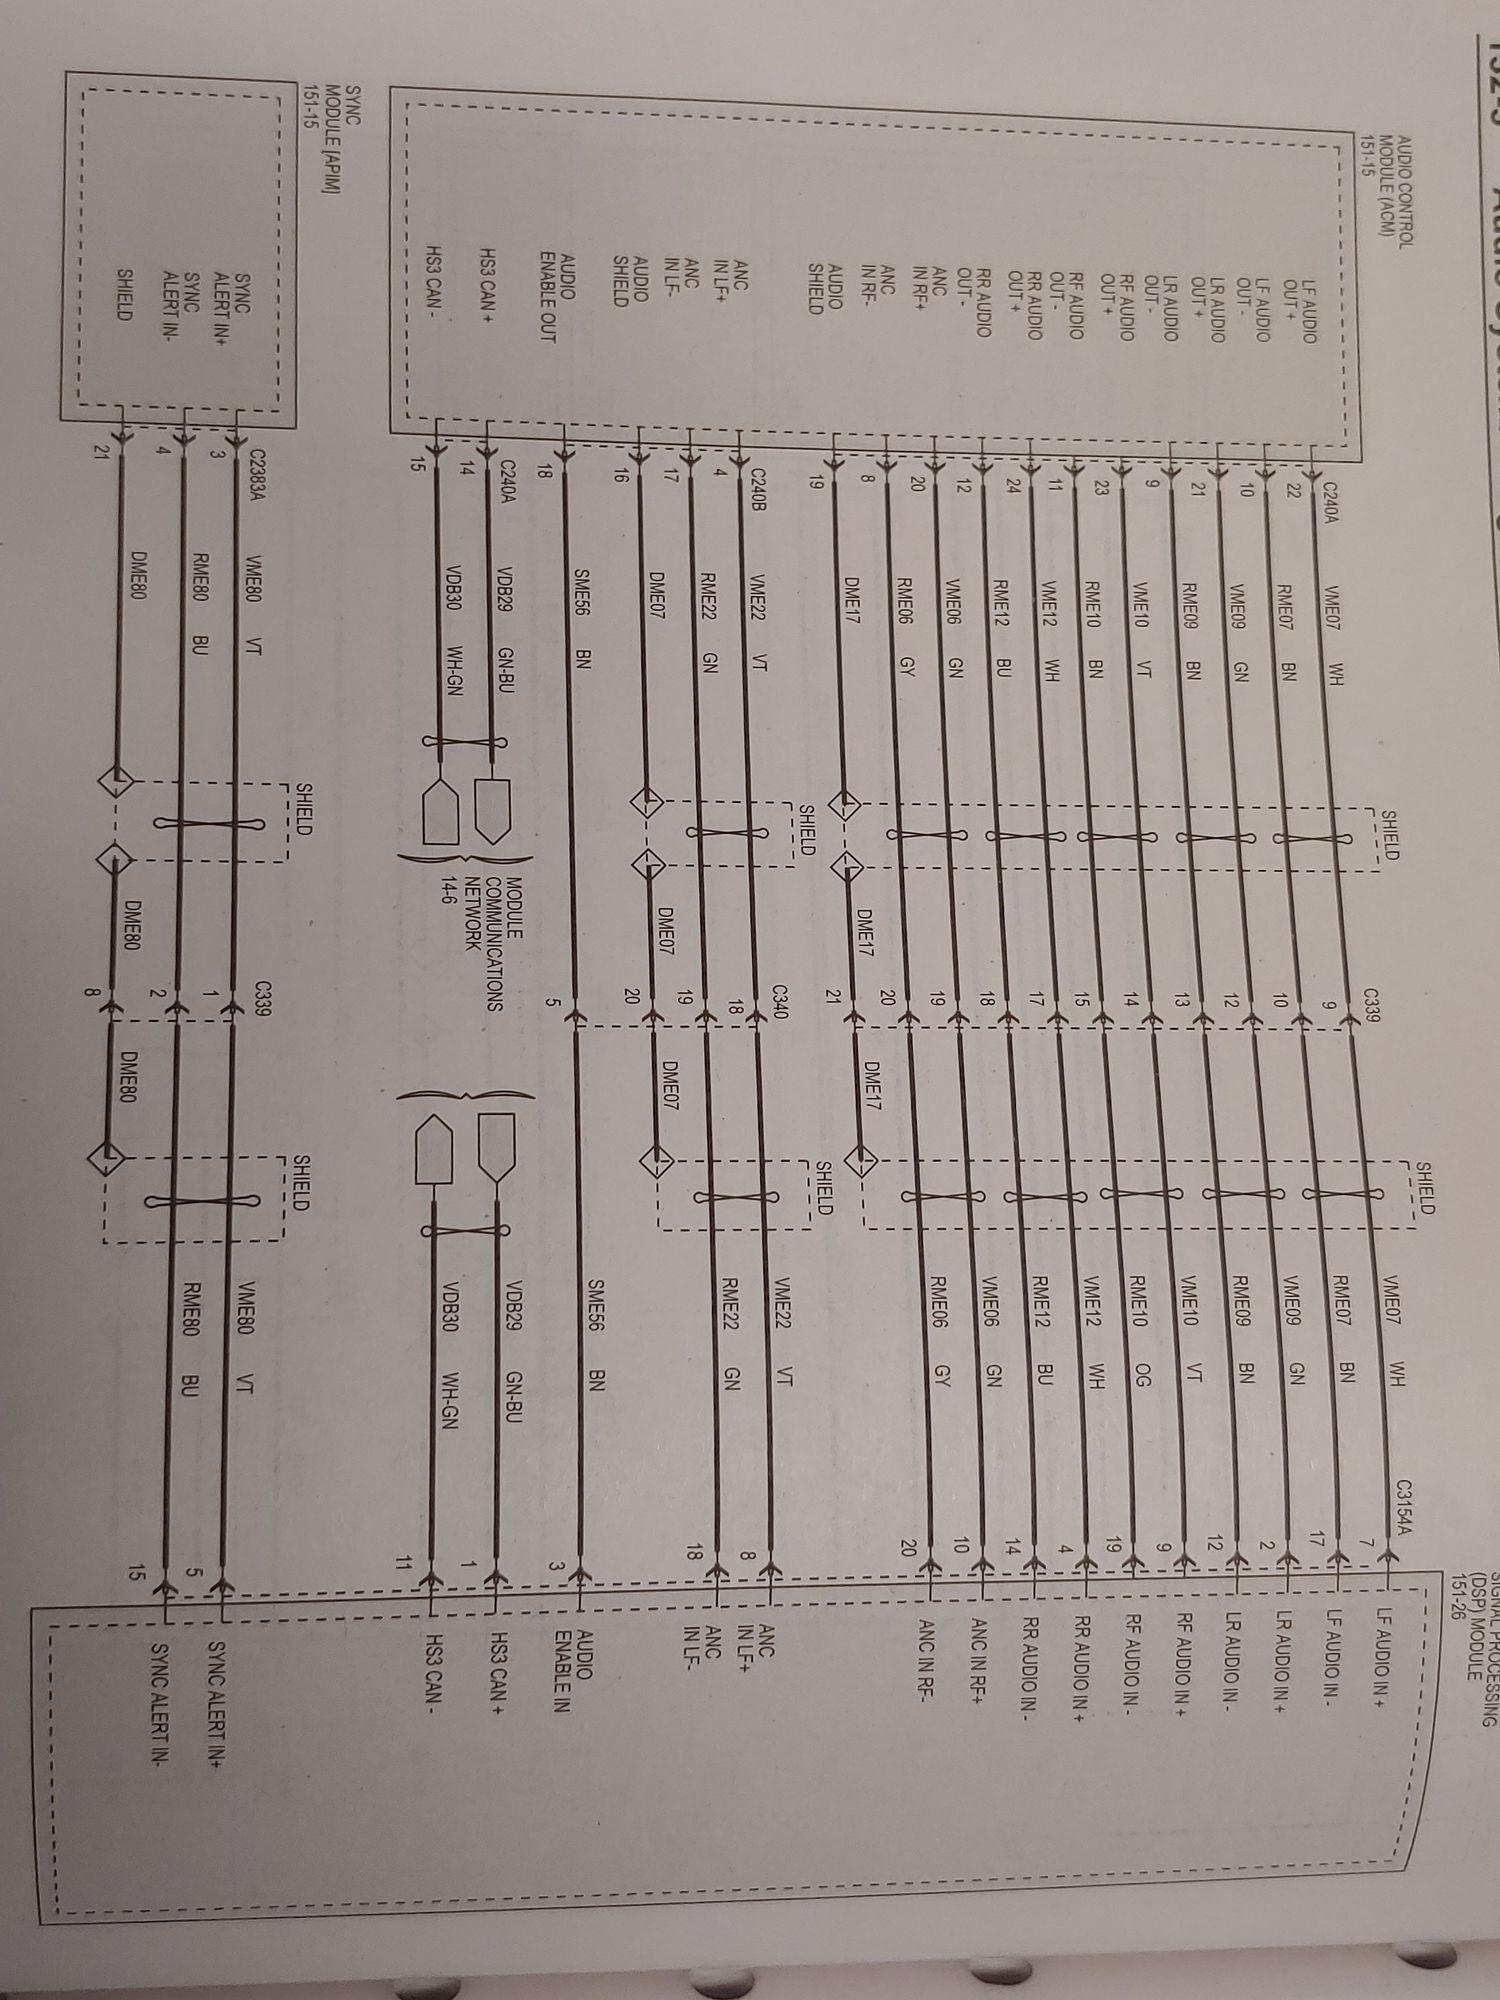 hight resolution of acm wiring diagram manual e book2018 f150 sync3 acm diagram ford f150 forum community of fordacm